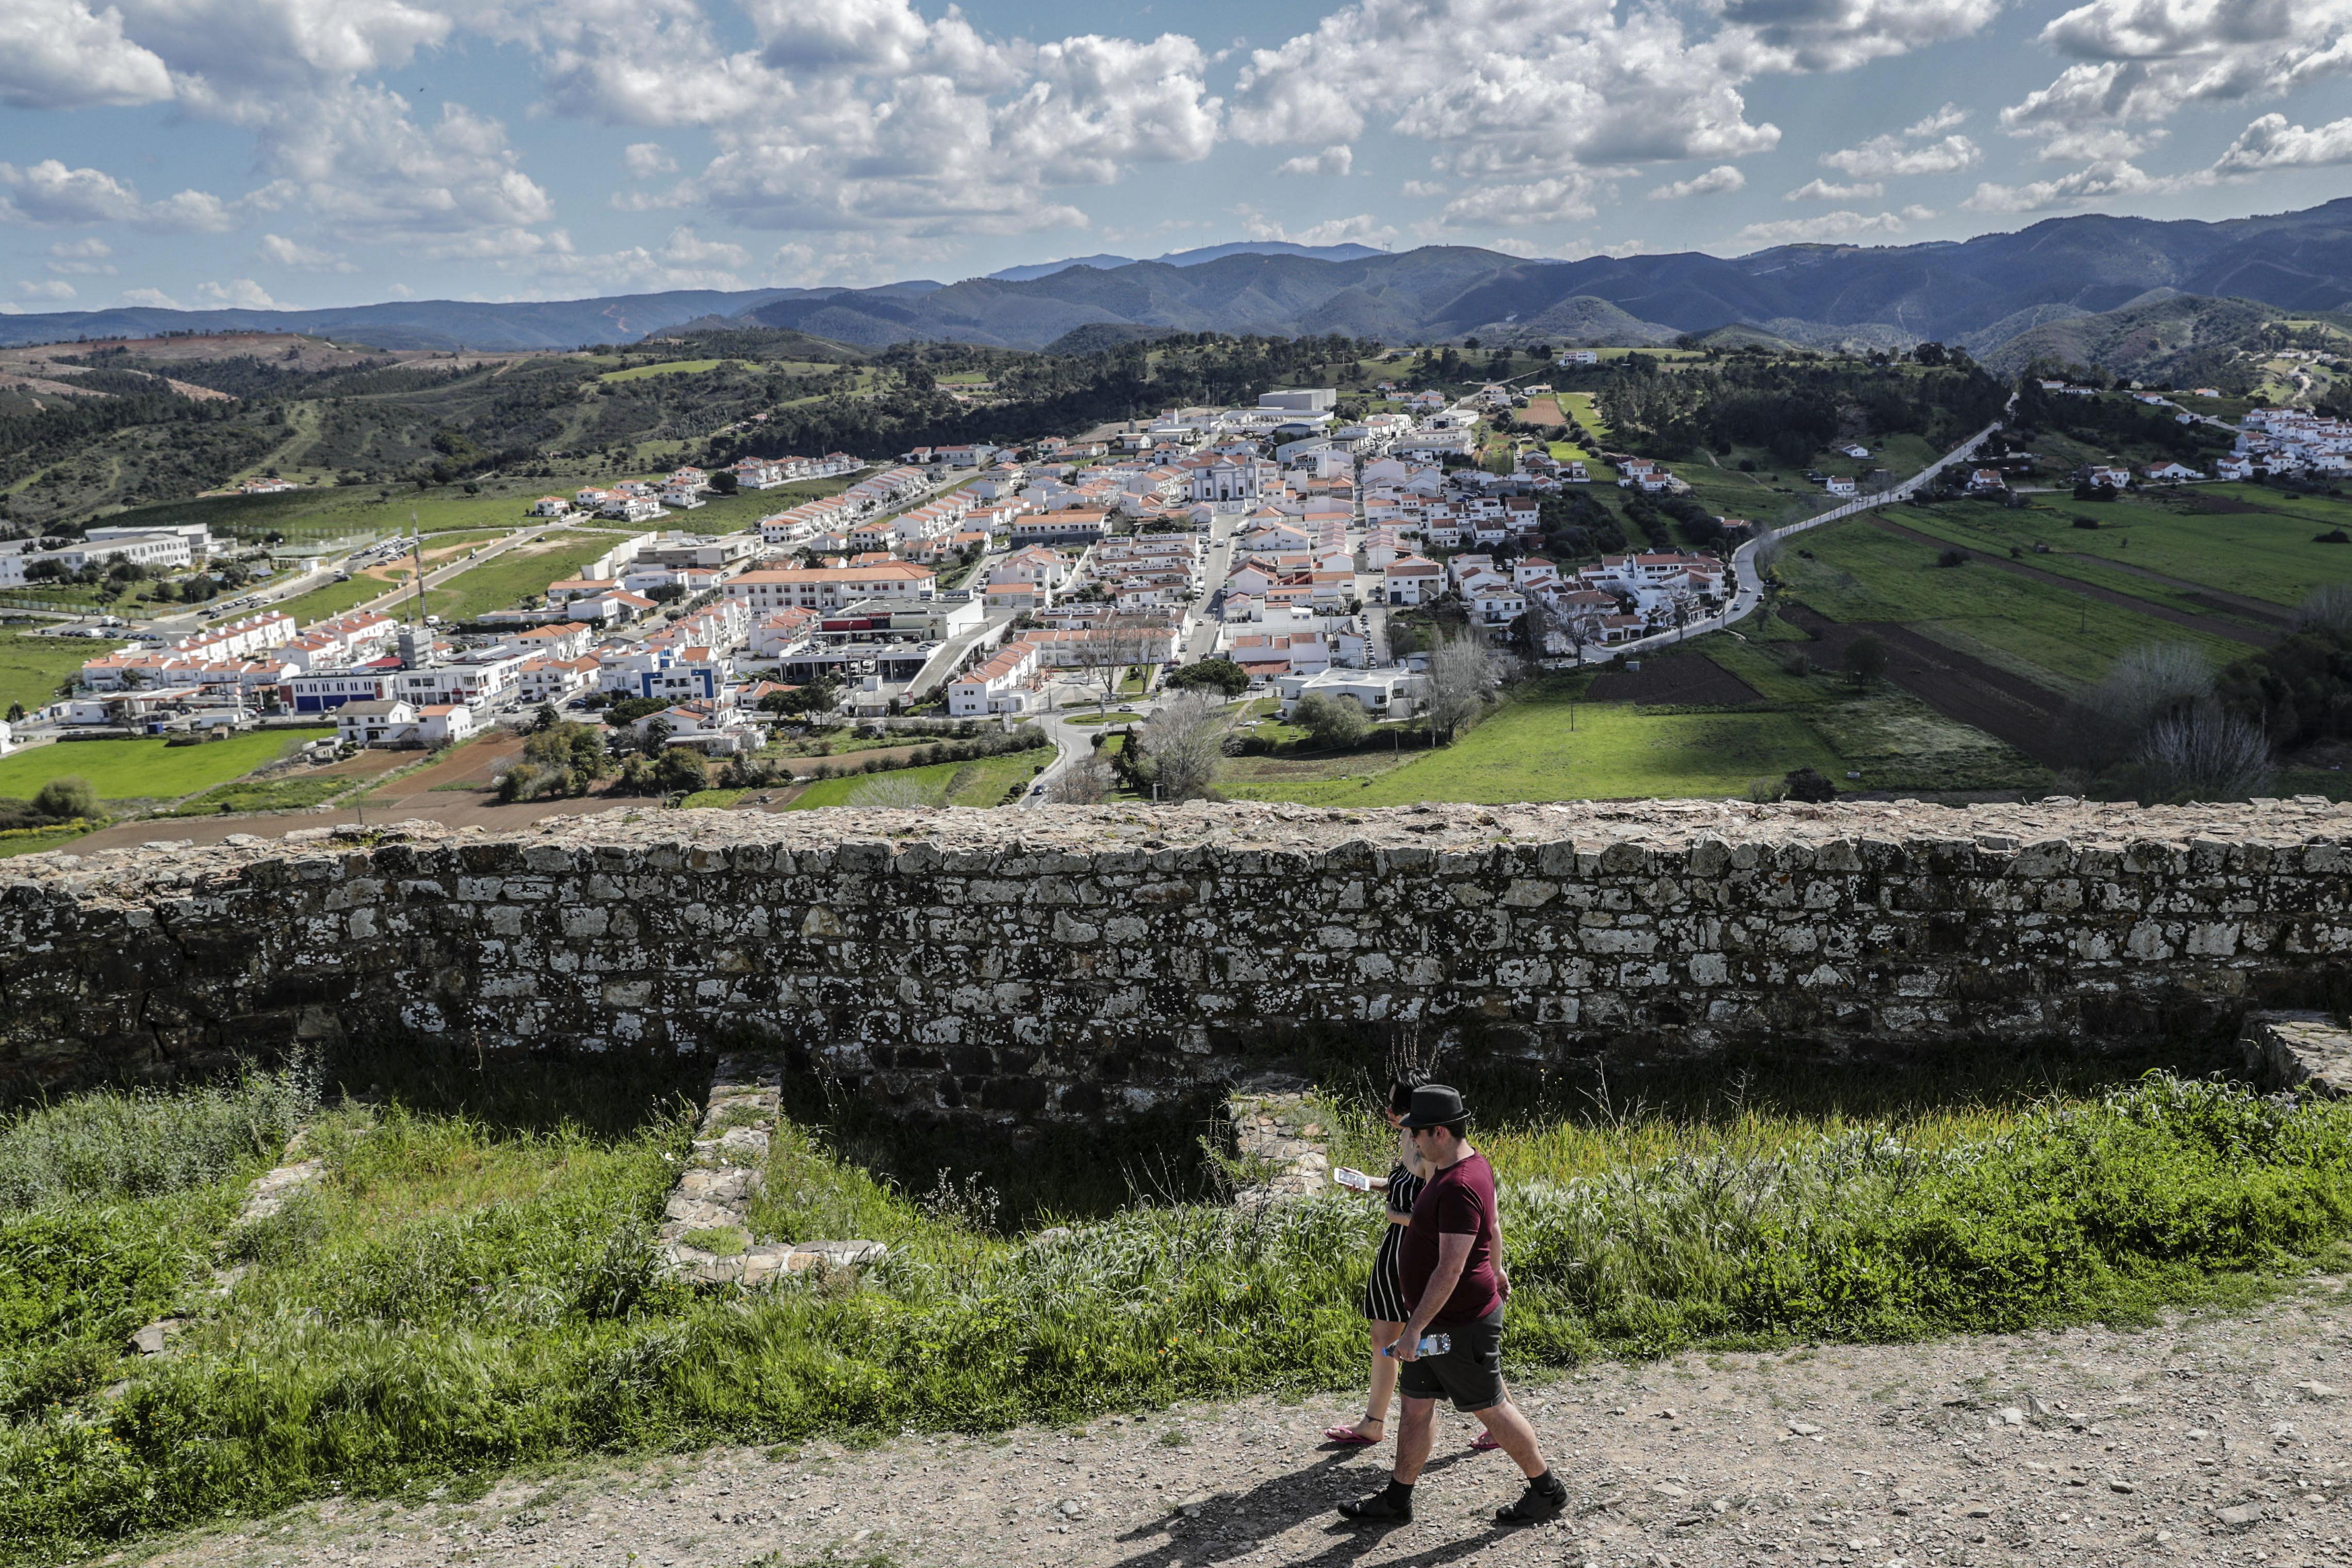 Rota cultural desvenda legado islâmico que une Portugal e Espanha